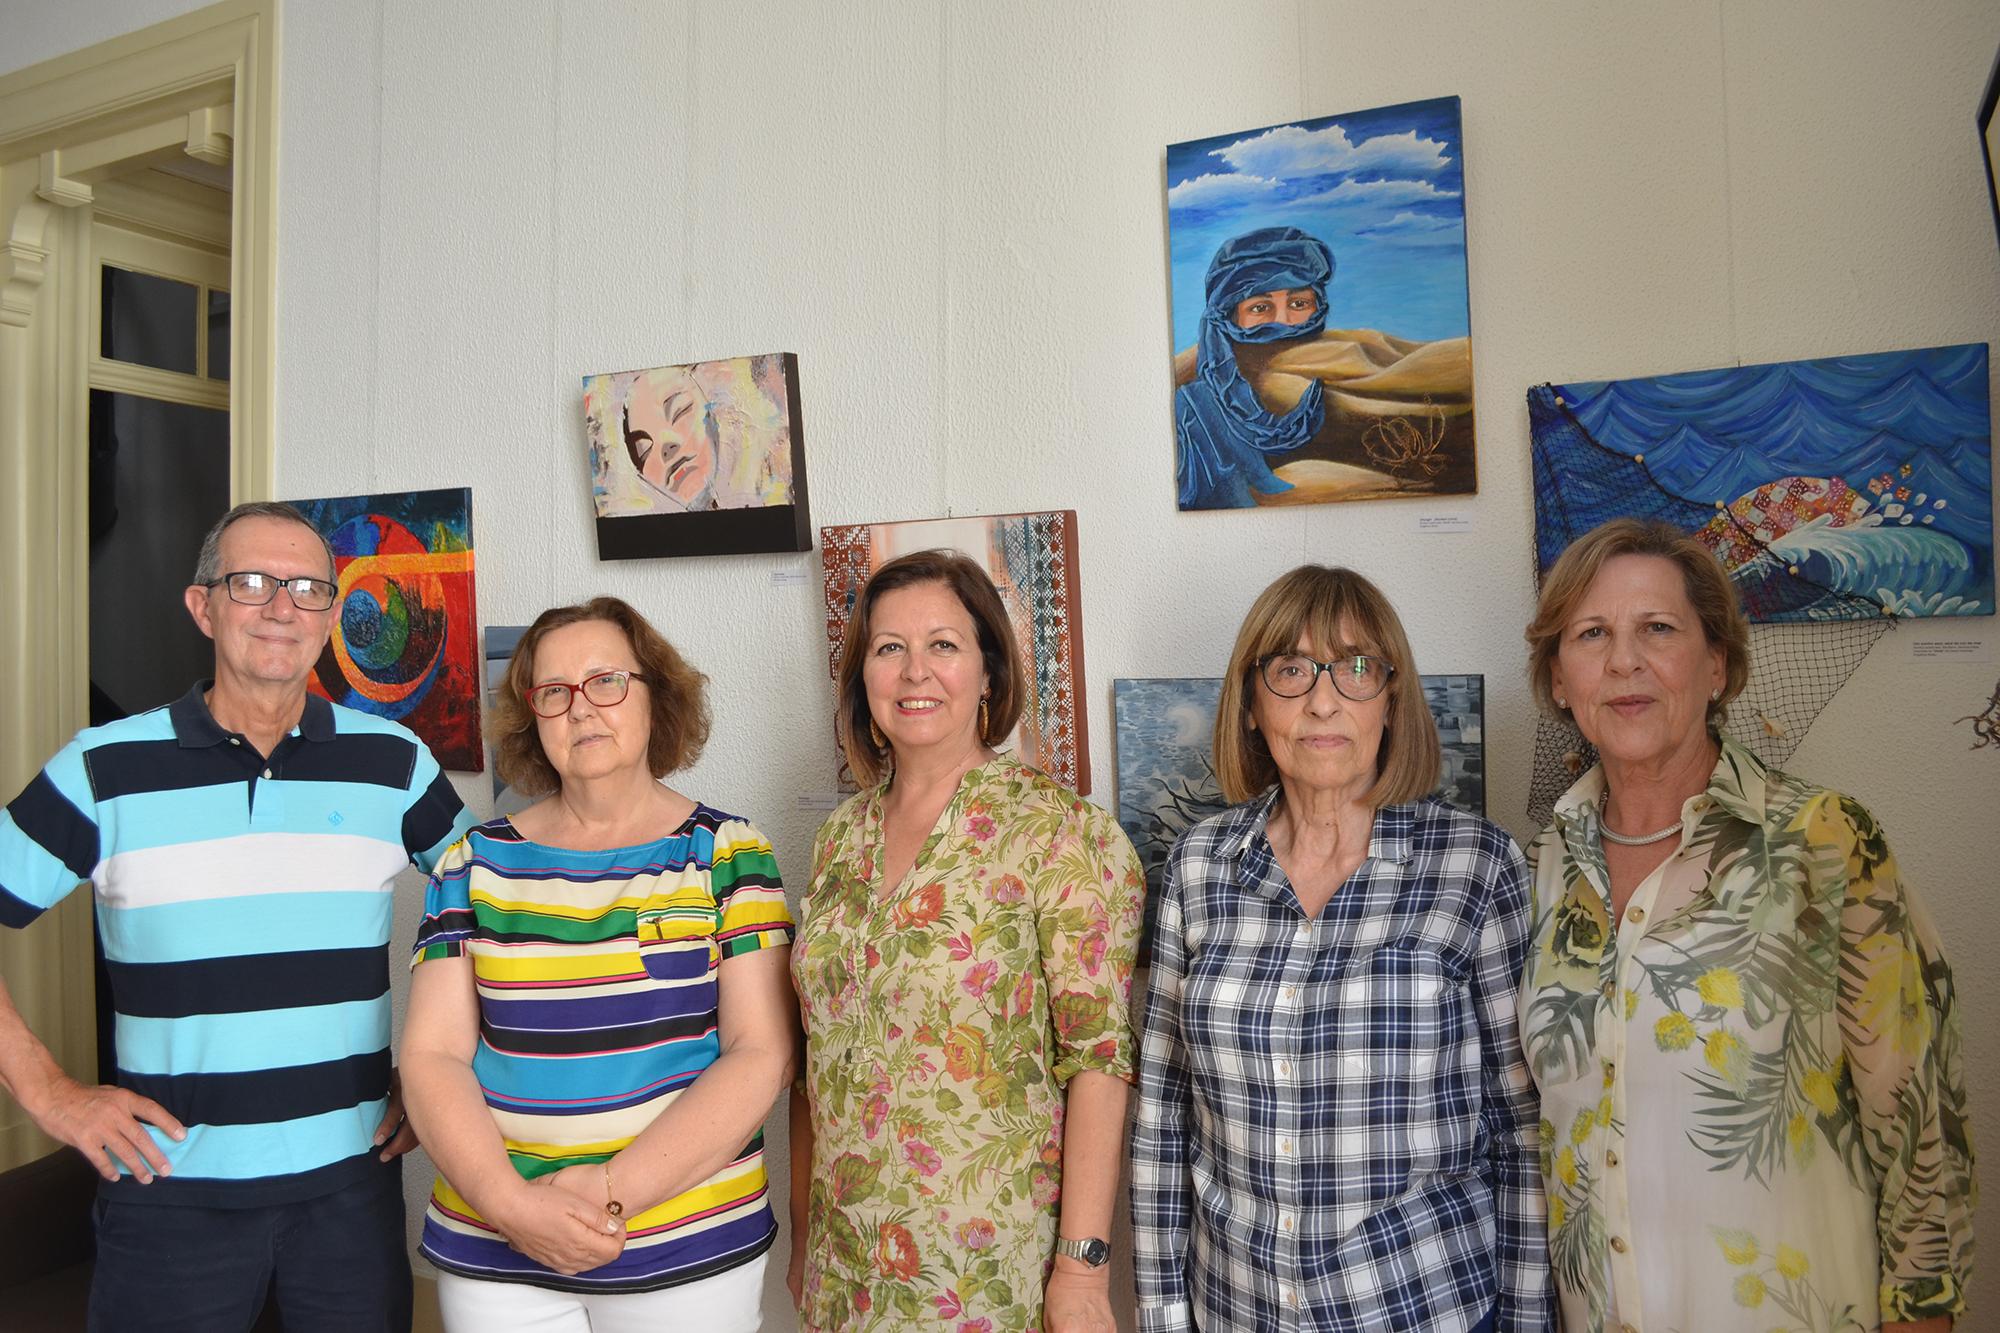 A professora de Atelier D'artes, ao centro, Rosa Bela Cruz com os alunos Manuel Augusto, Maria Glória Alves, Rita David e Maria de Fátima Pinheiro. Como fundo, estão algumas das obras de arte que realizaram.